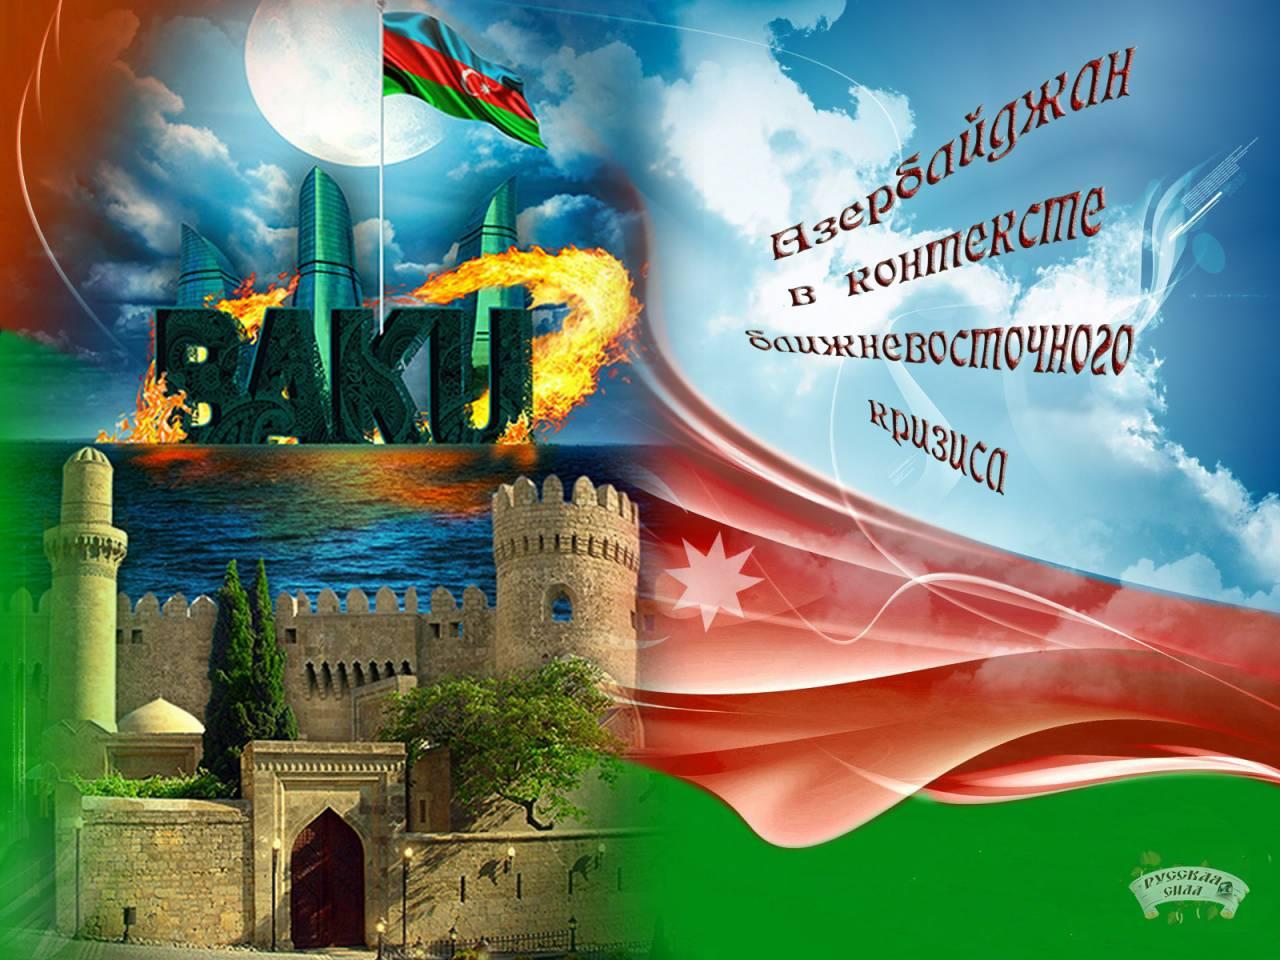 Азербайджан в контексте ближневосточного кризиса